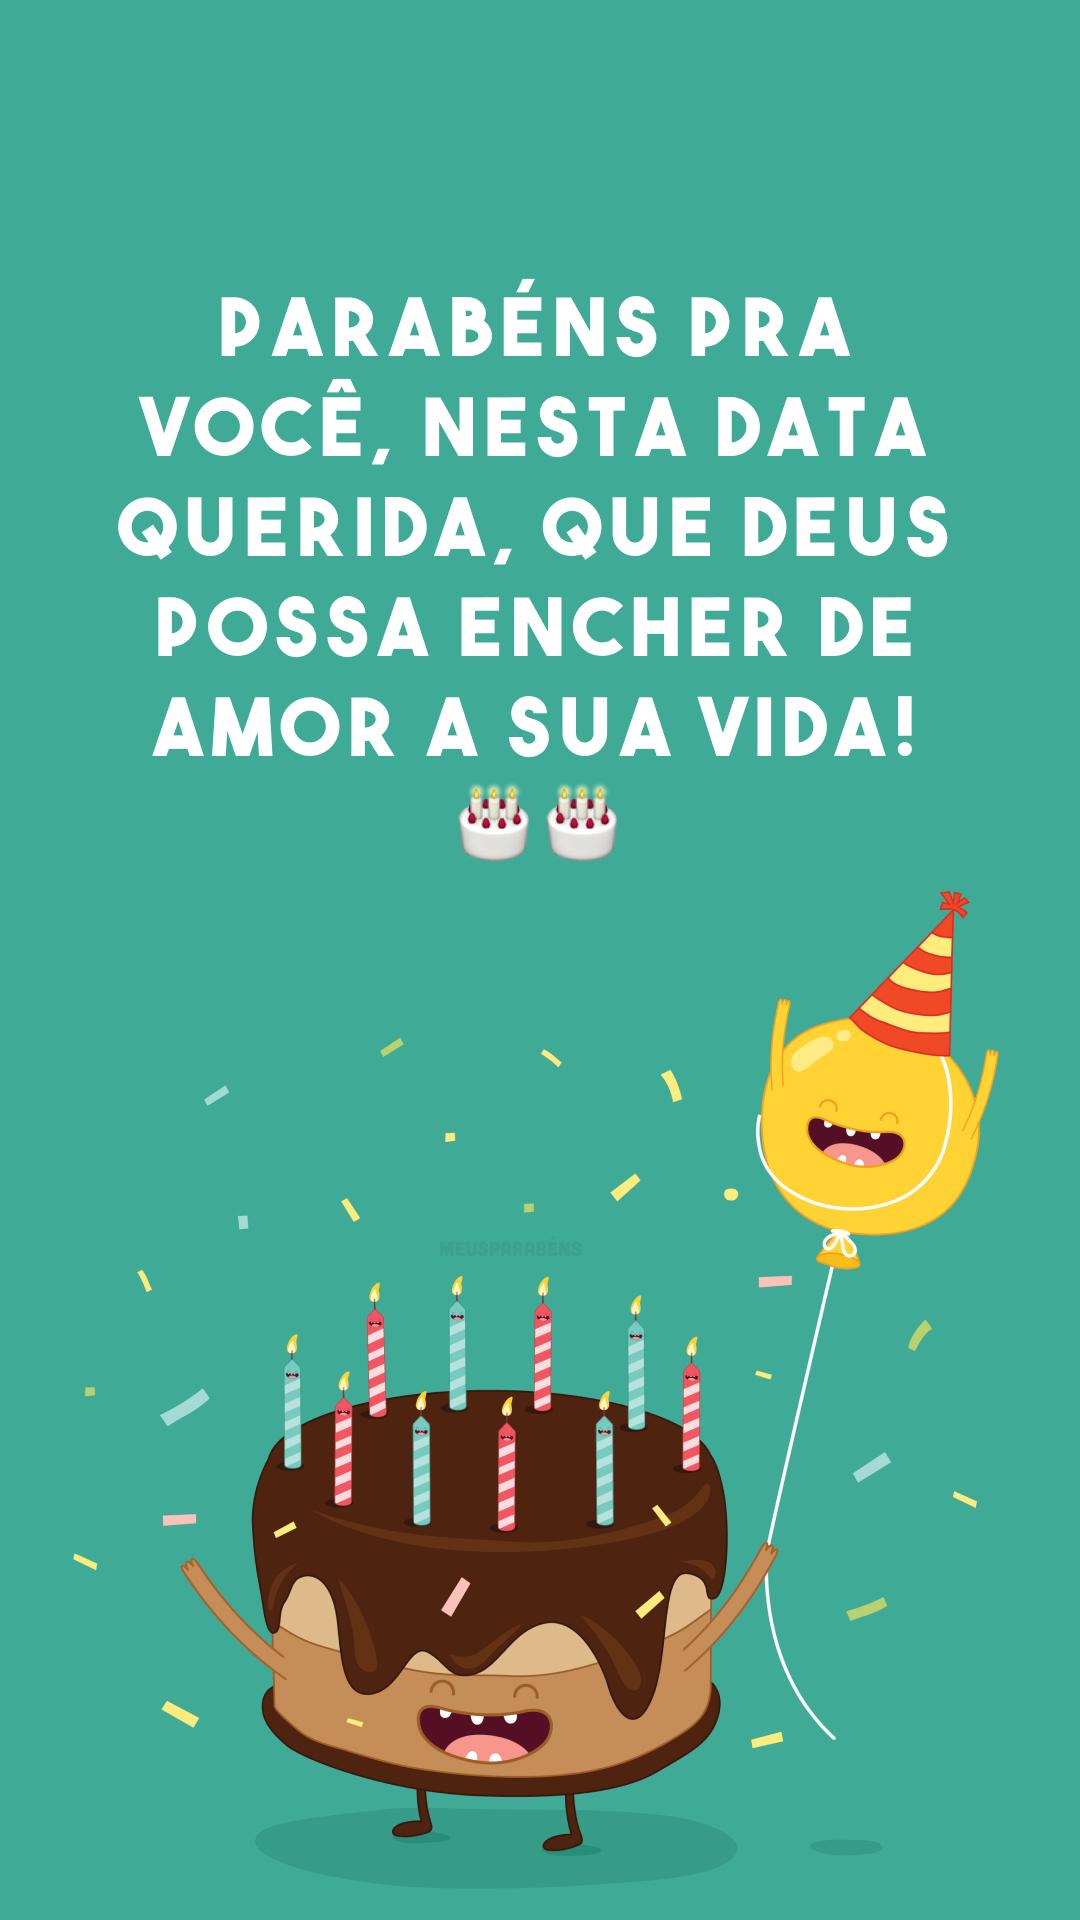 Parabéns pra você, nesta data querida, que Deus possa encher de amor a sua vida! ??